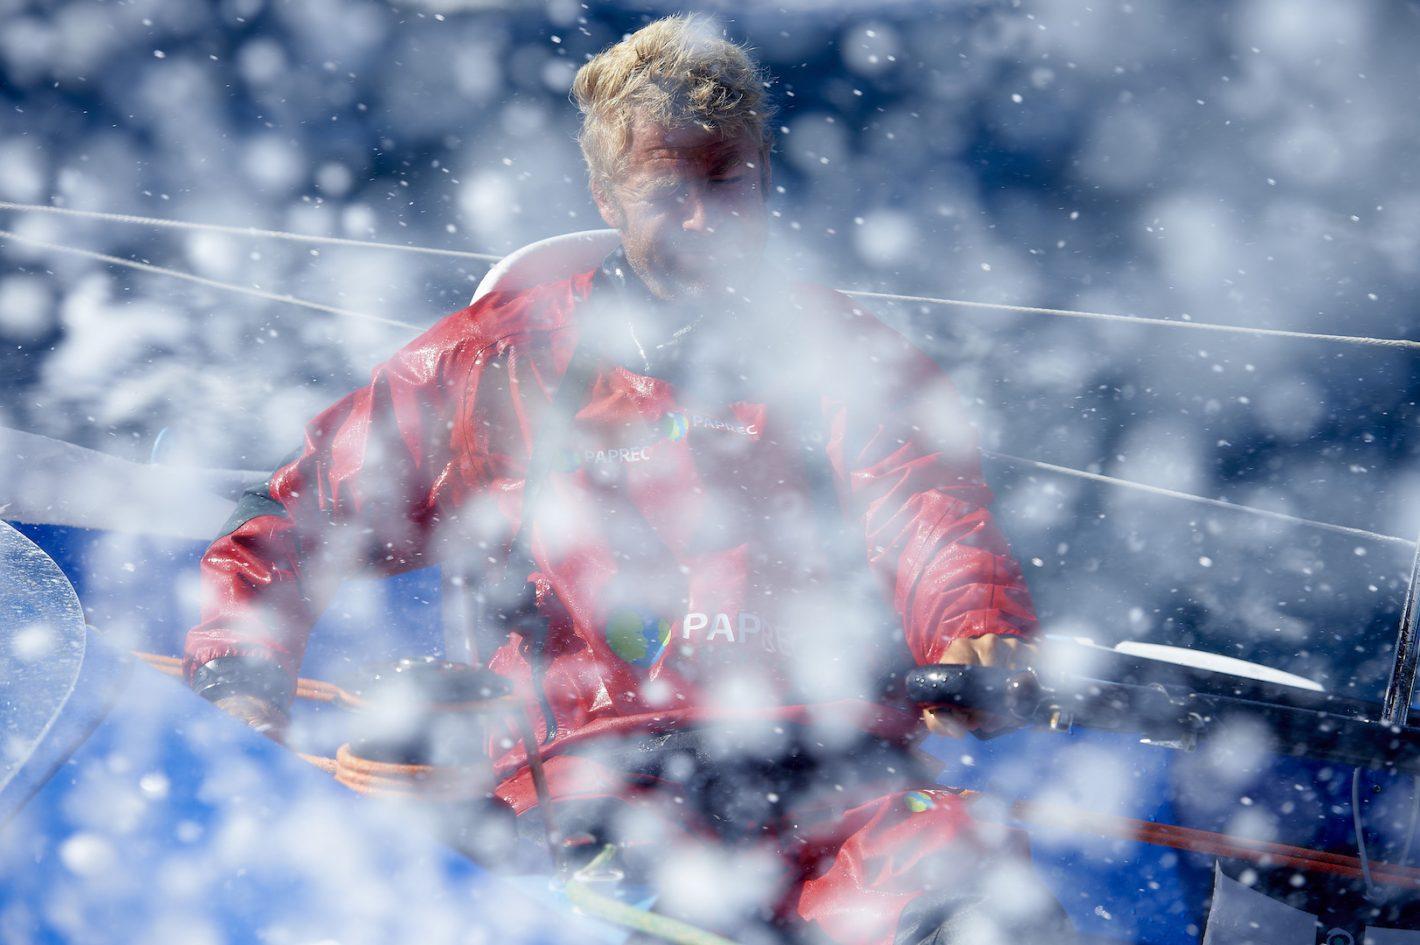 Multi70 PAPREC, skipper Yann Elies, entrainement en solo au large de Lorient, derniers preparatifs avant le depart pour La Route Du Rhum Destination Guadeloupe 2014. 10eme edition - Nikon D4 - Nikkor 70-200 mm f/2.8